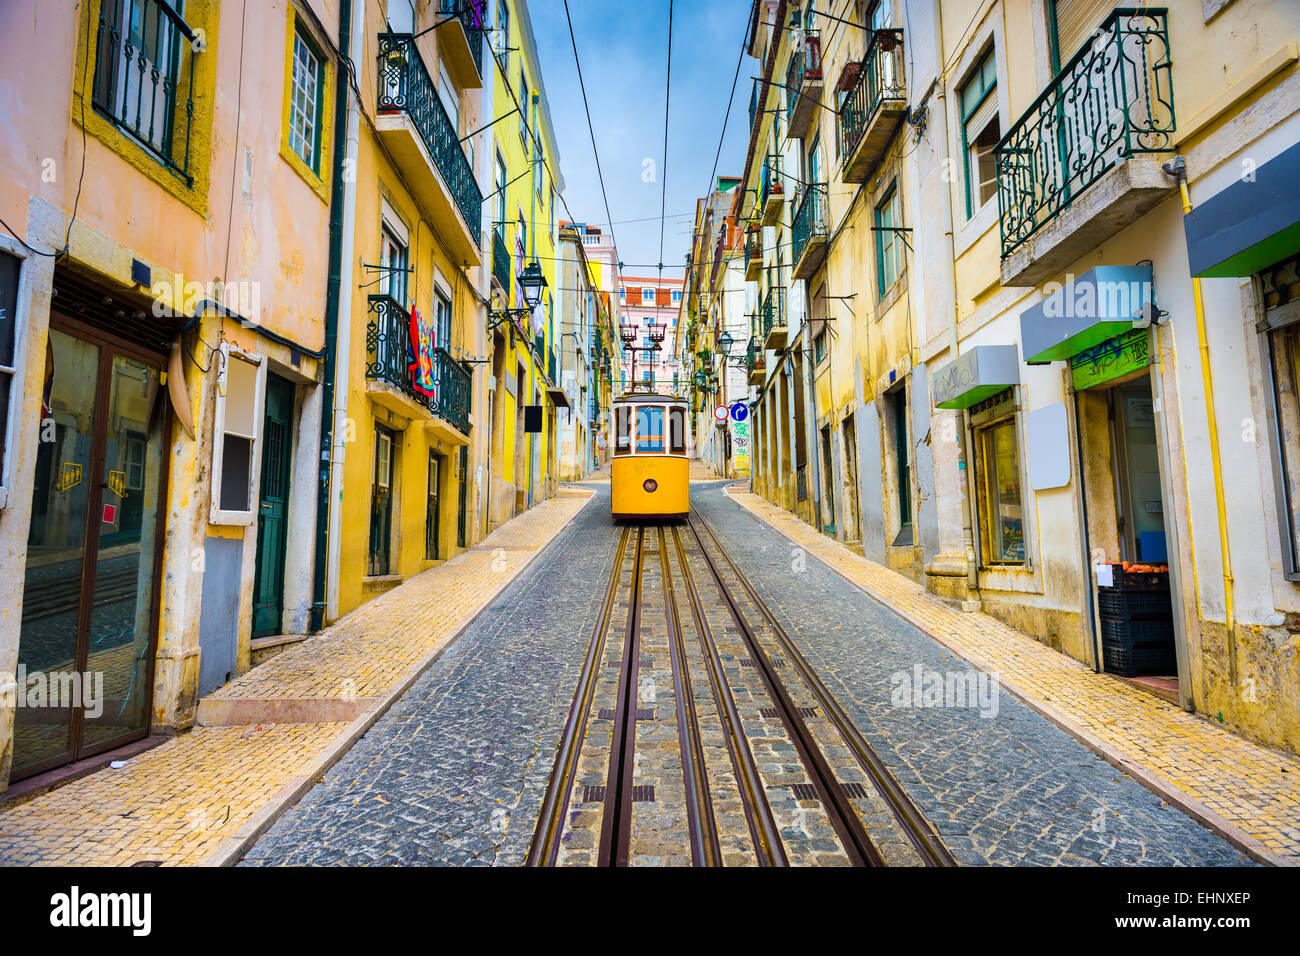 Lisboa, Portugal casco antiguo calles y coche de la calle. Imagen De Stock